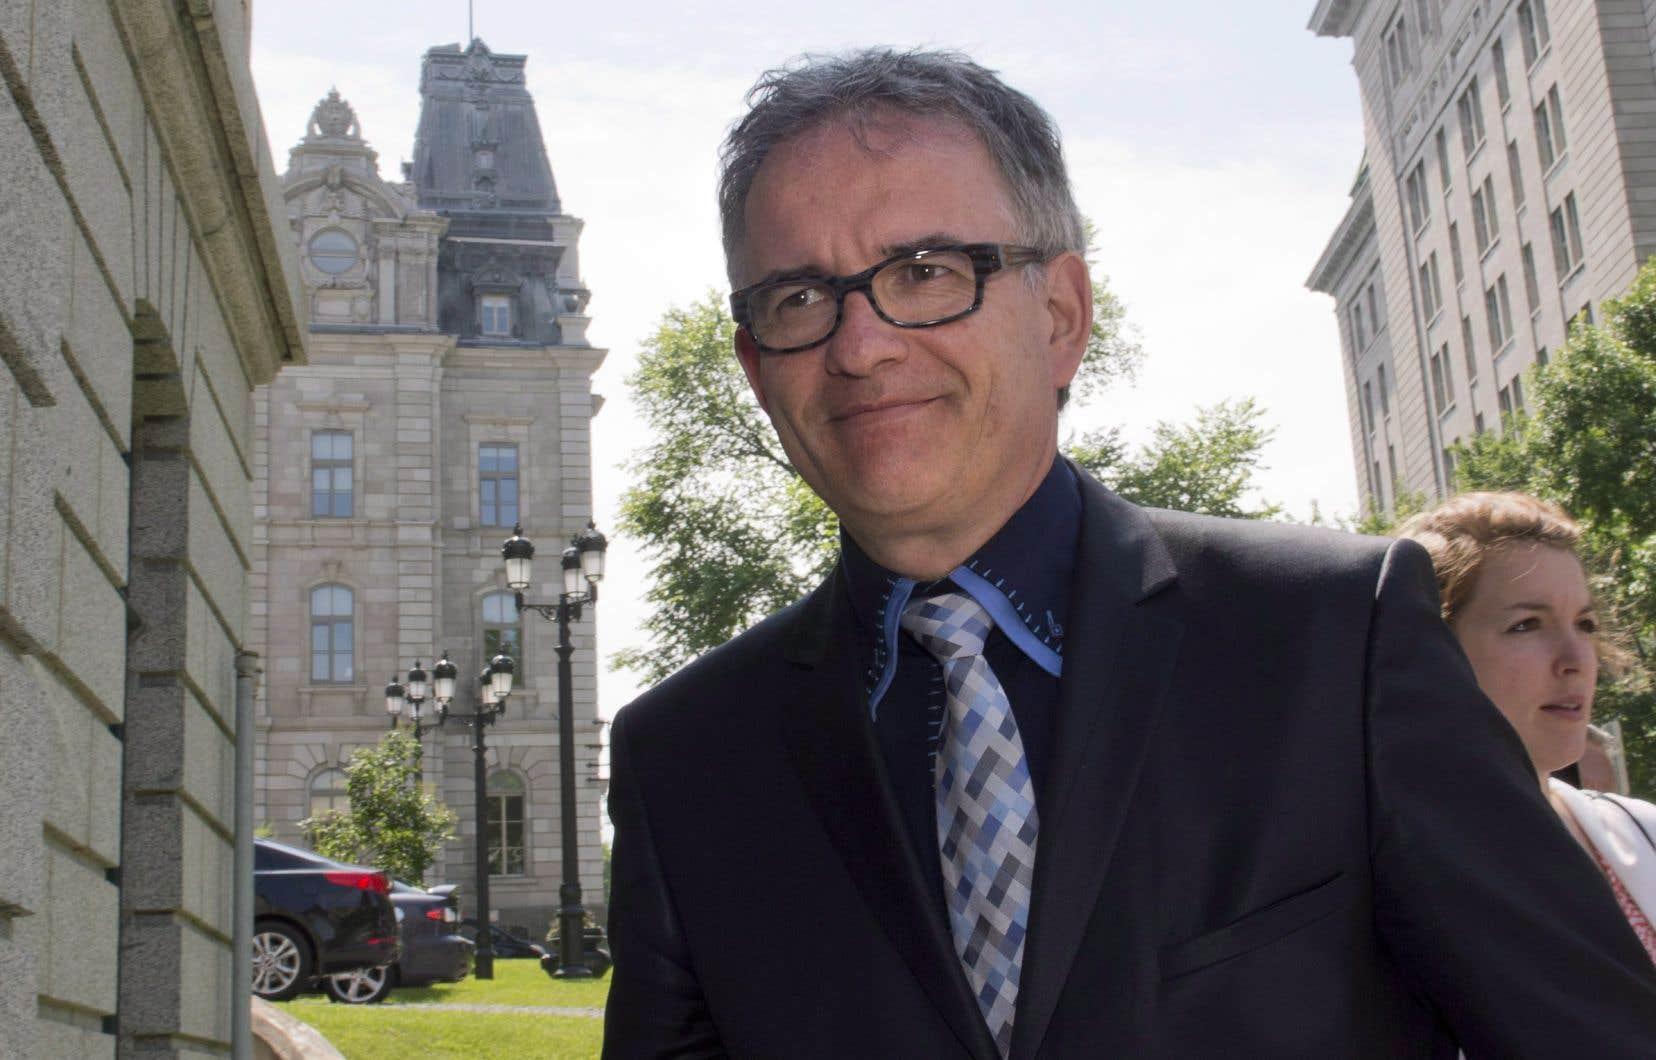 Député de 2012 à 2014, Réjean Hébert avait été ministre de la Santé sous la première ministre Pauline Marois.